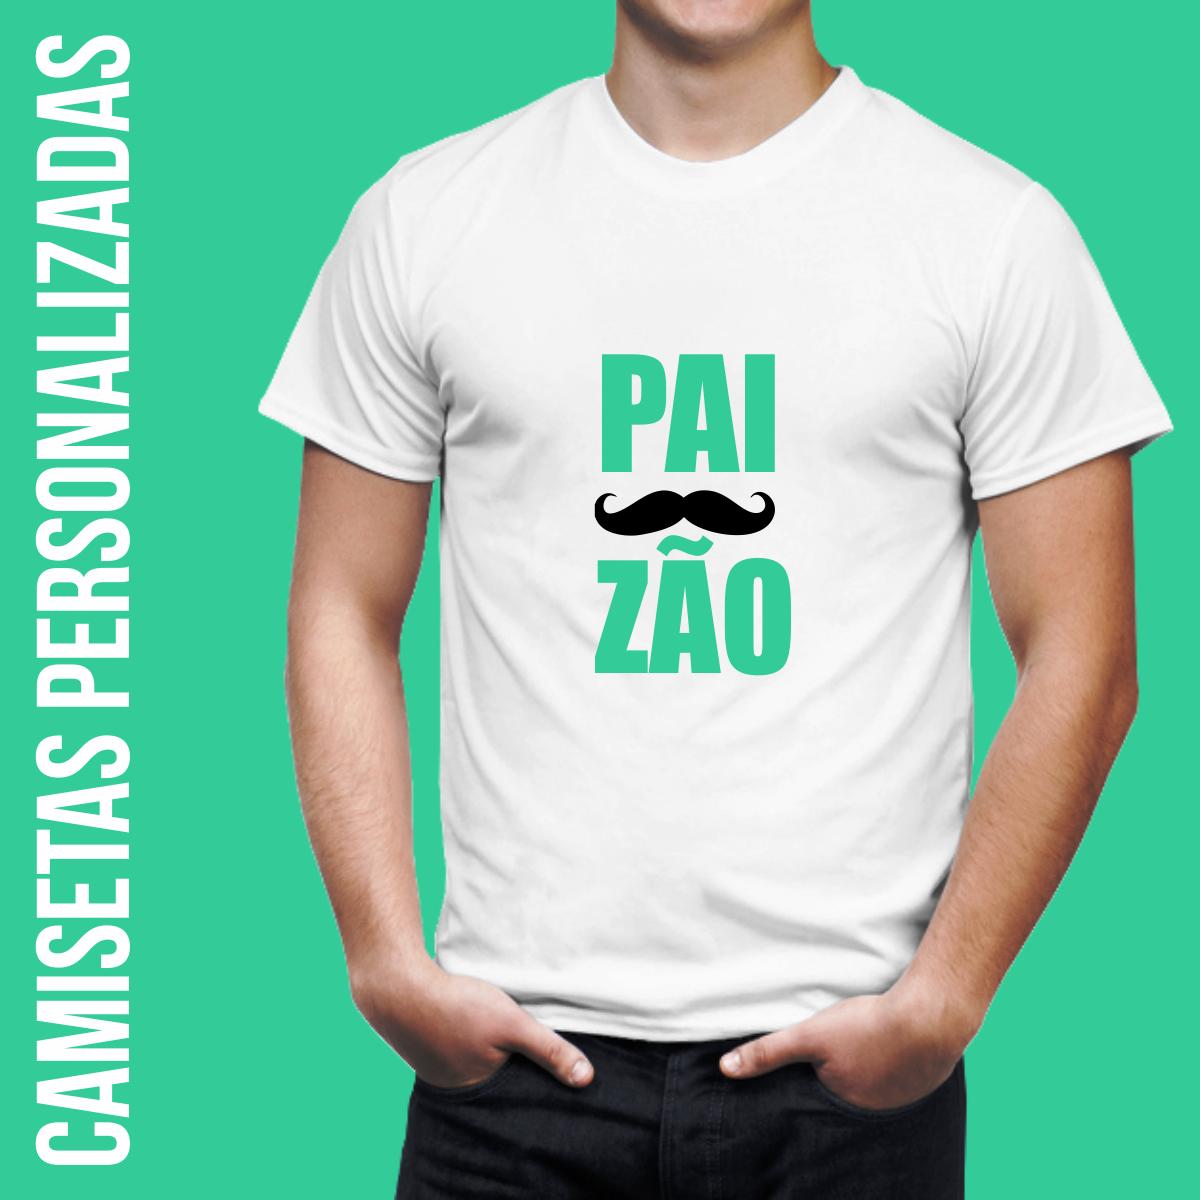 camisetas%2Bpersonalizadas%2Bdia%2Bdos%2Bpais - Presentes Originais e Criativos para o dia dos Pais.